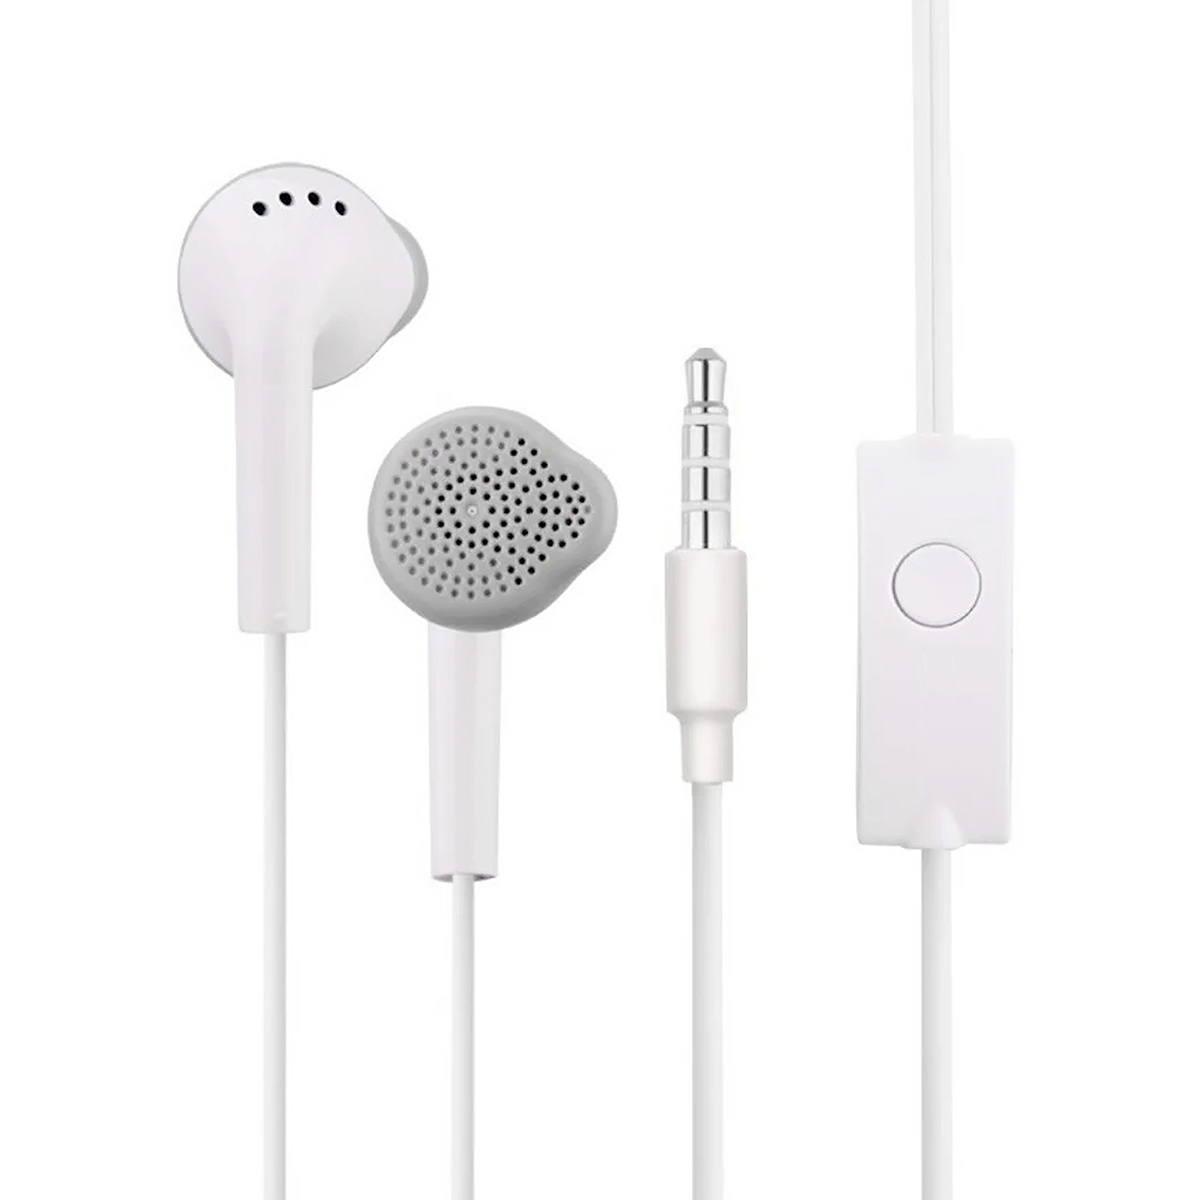 Fone de Ouvido para Celular P2 Estéreo Earphone com Microfone para Atender Chamadas Sumexr SEJ-B20 Branco